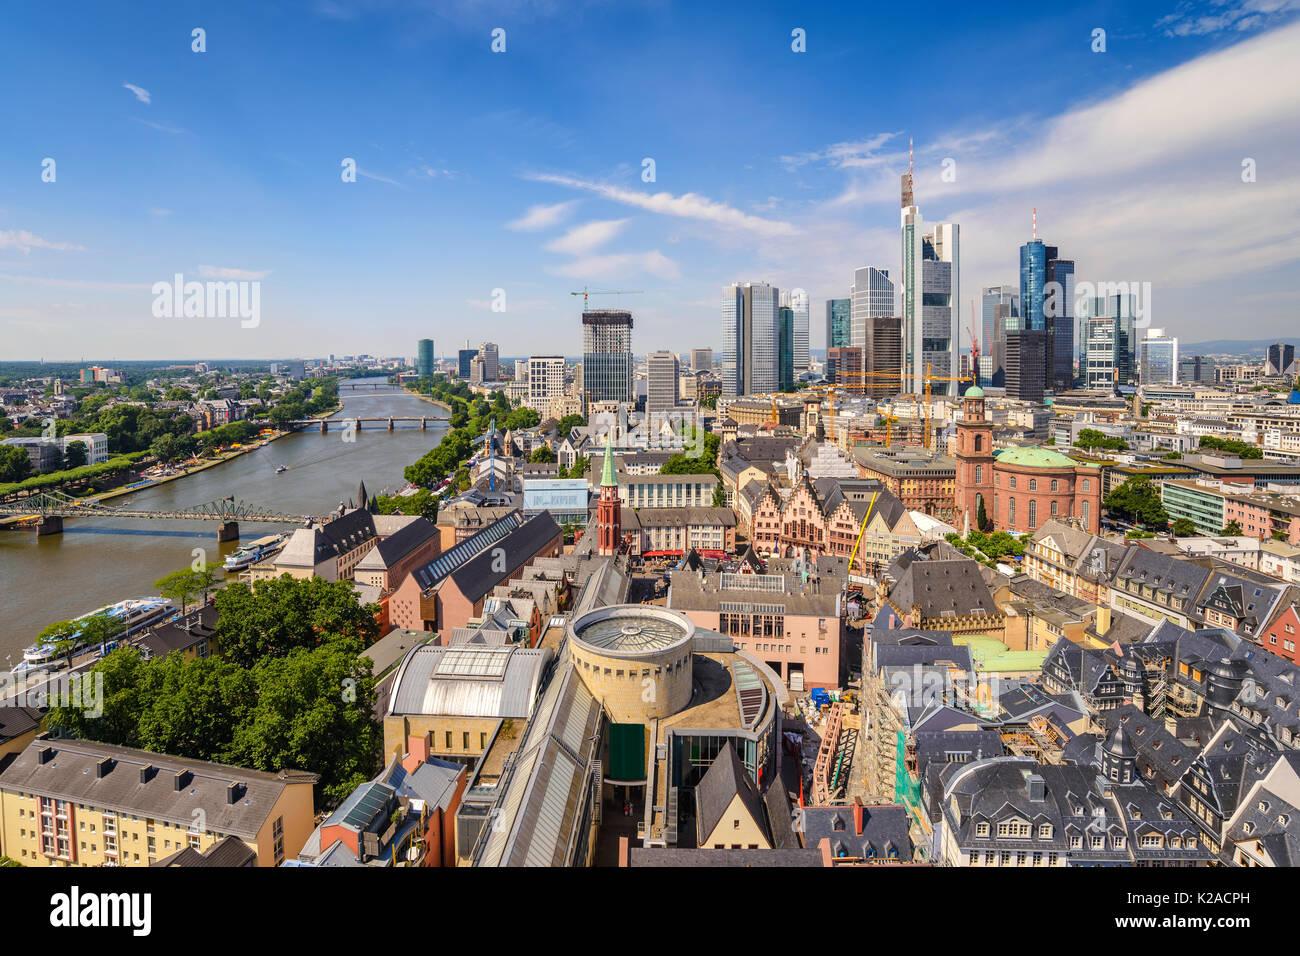 Haut de Francfort angel voir l'horizon de la ville, Frankfurt, Allemagne Photo Stock